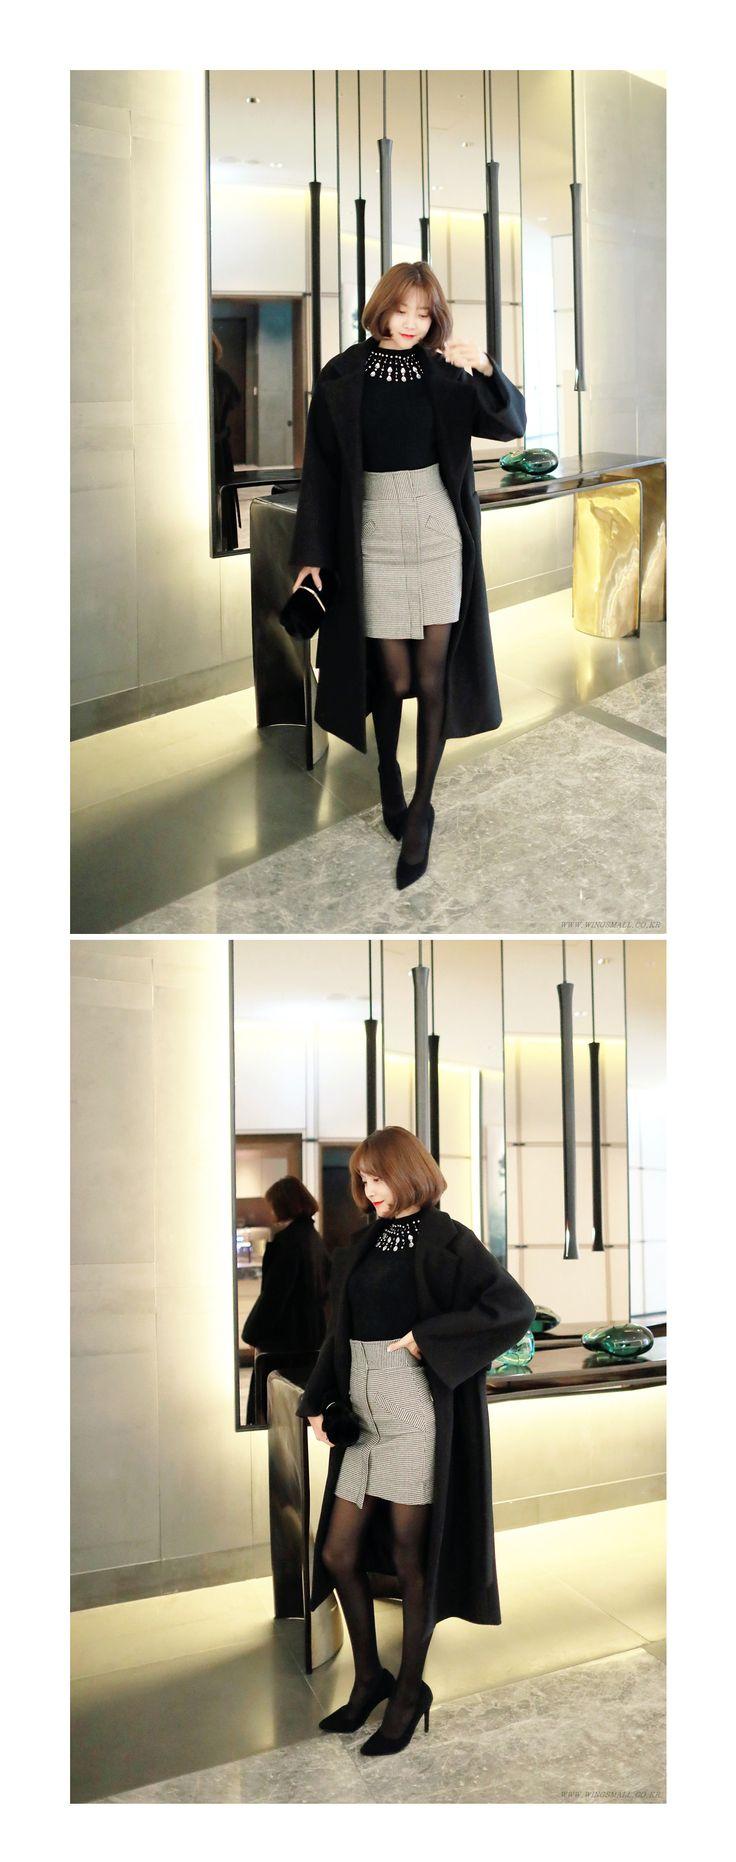 ビッグラペルガウンコート - プチプラな激安ファッション通販♥【WINGSMALL】日本公式♥安カワな人気レディースファッションが続々入荷中!!